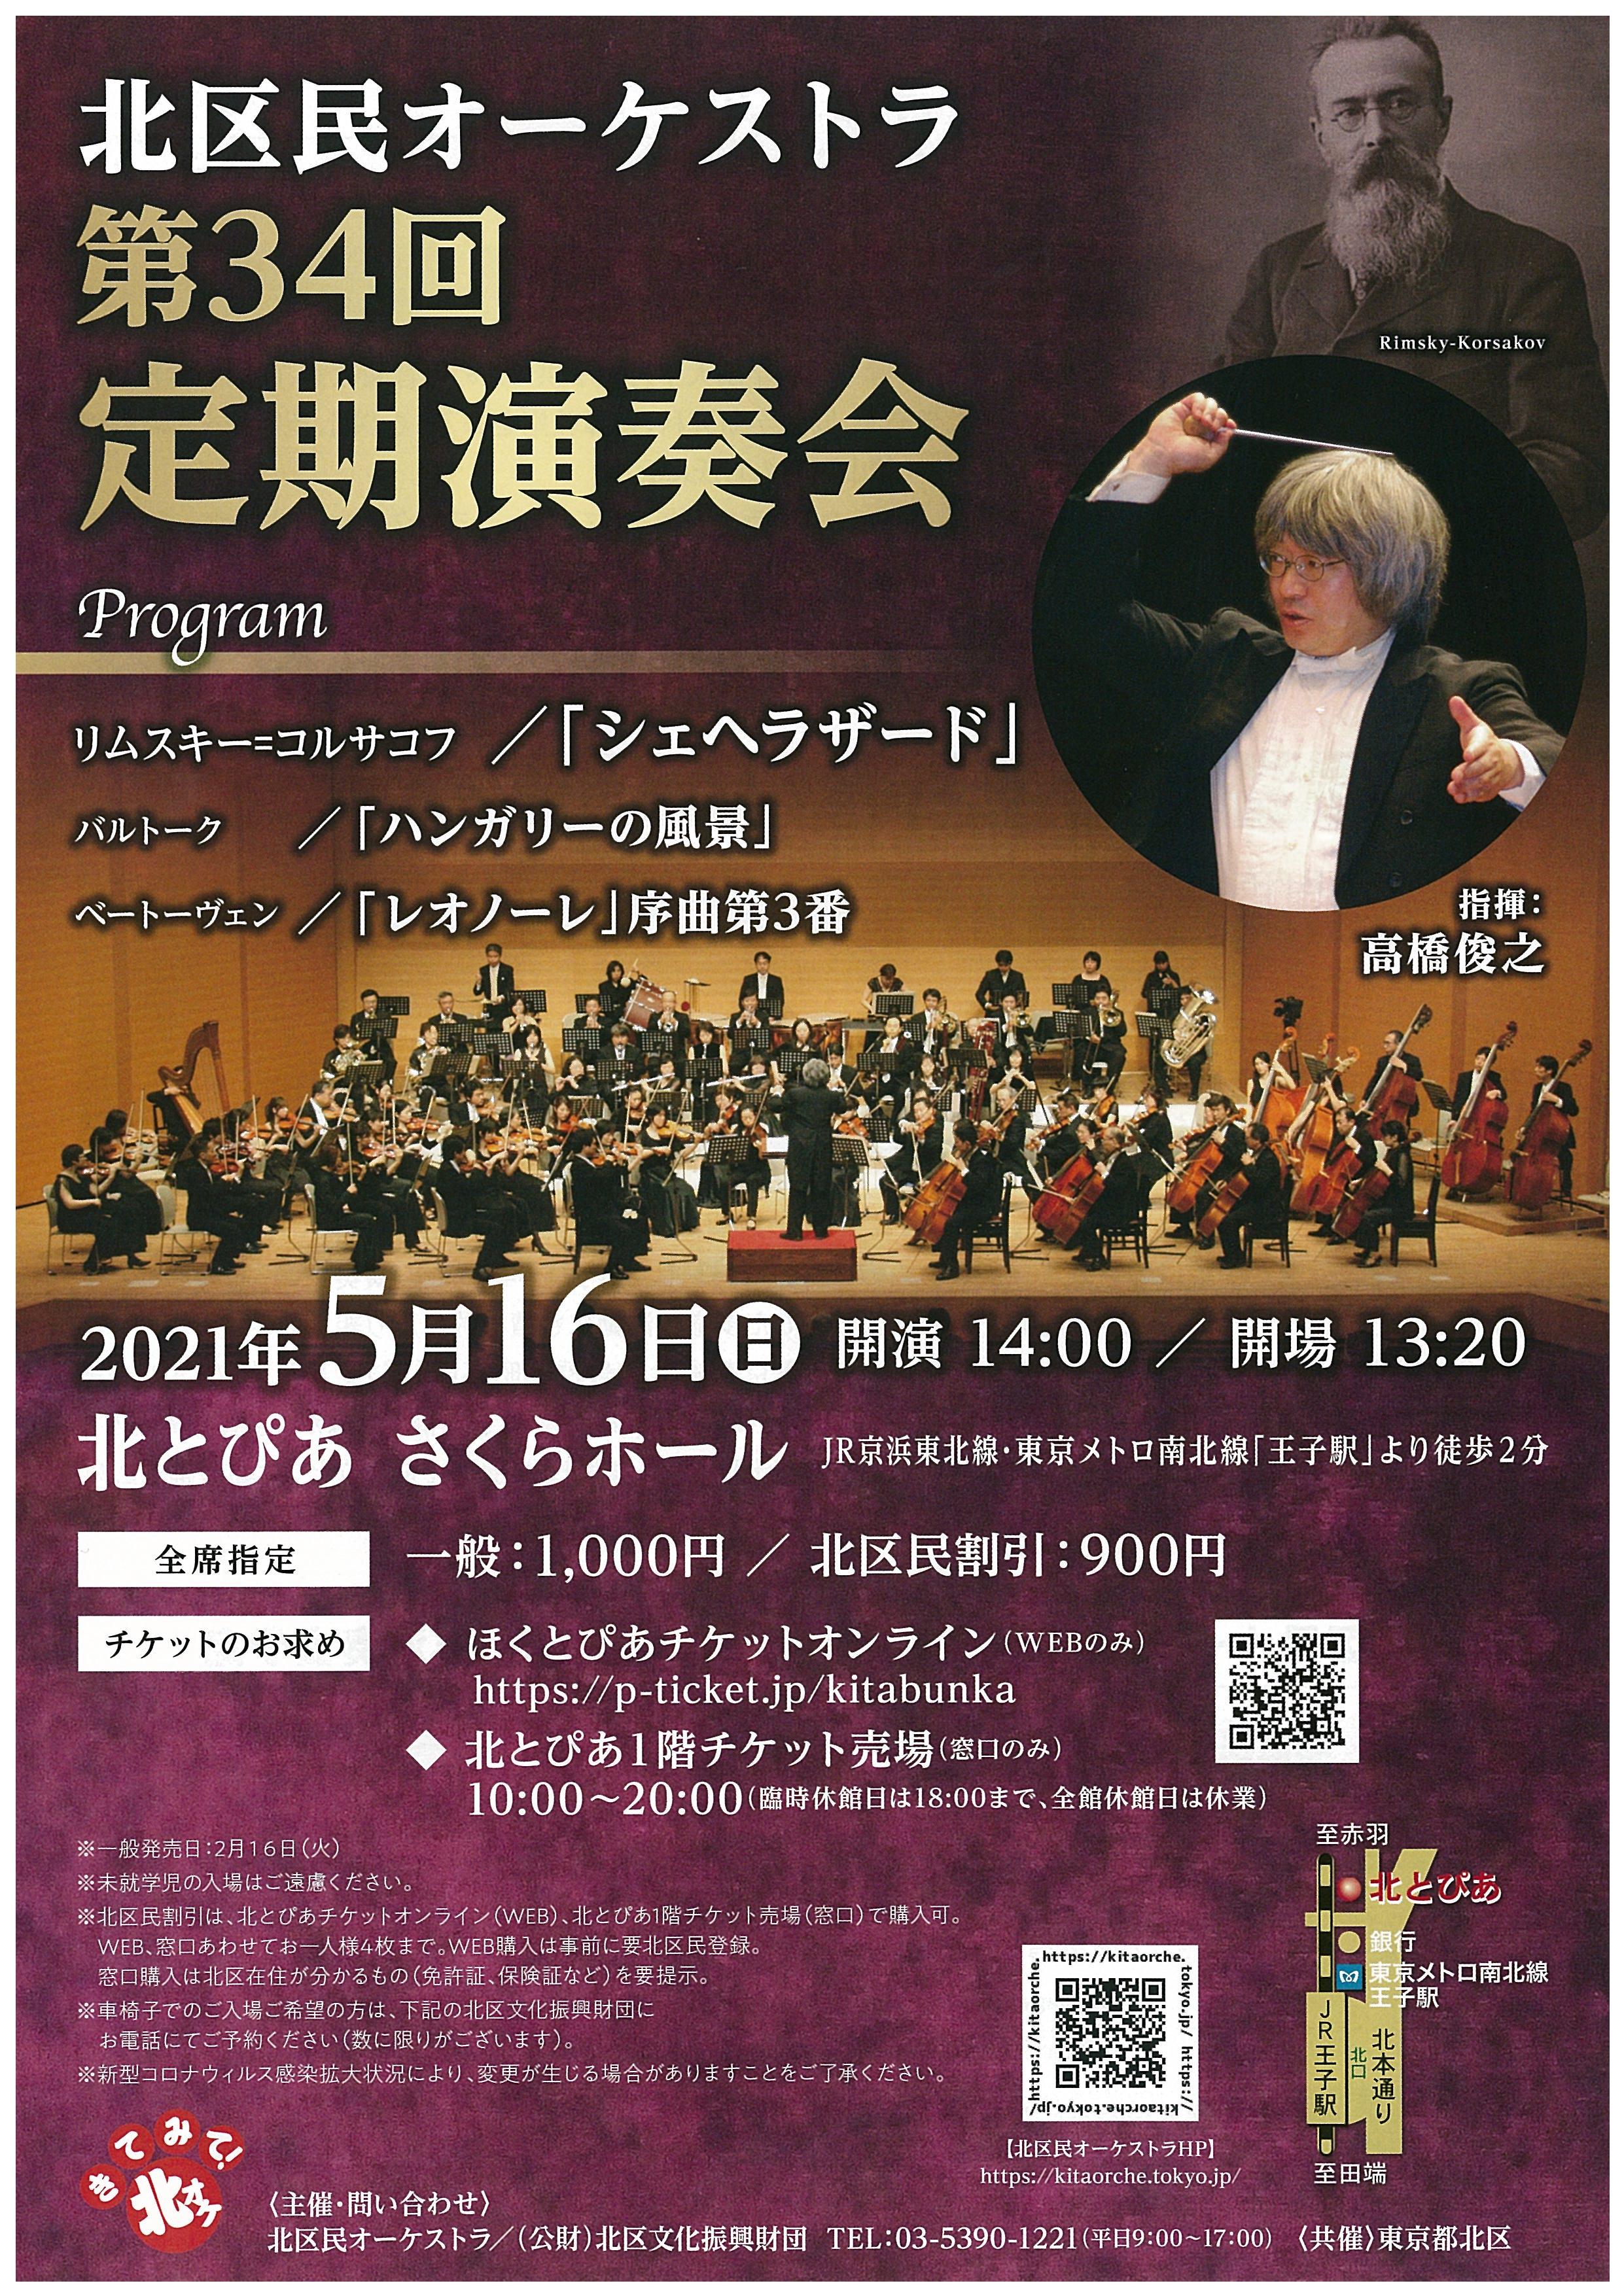 北区民オーケストラ 第34回定期演奏会の画像